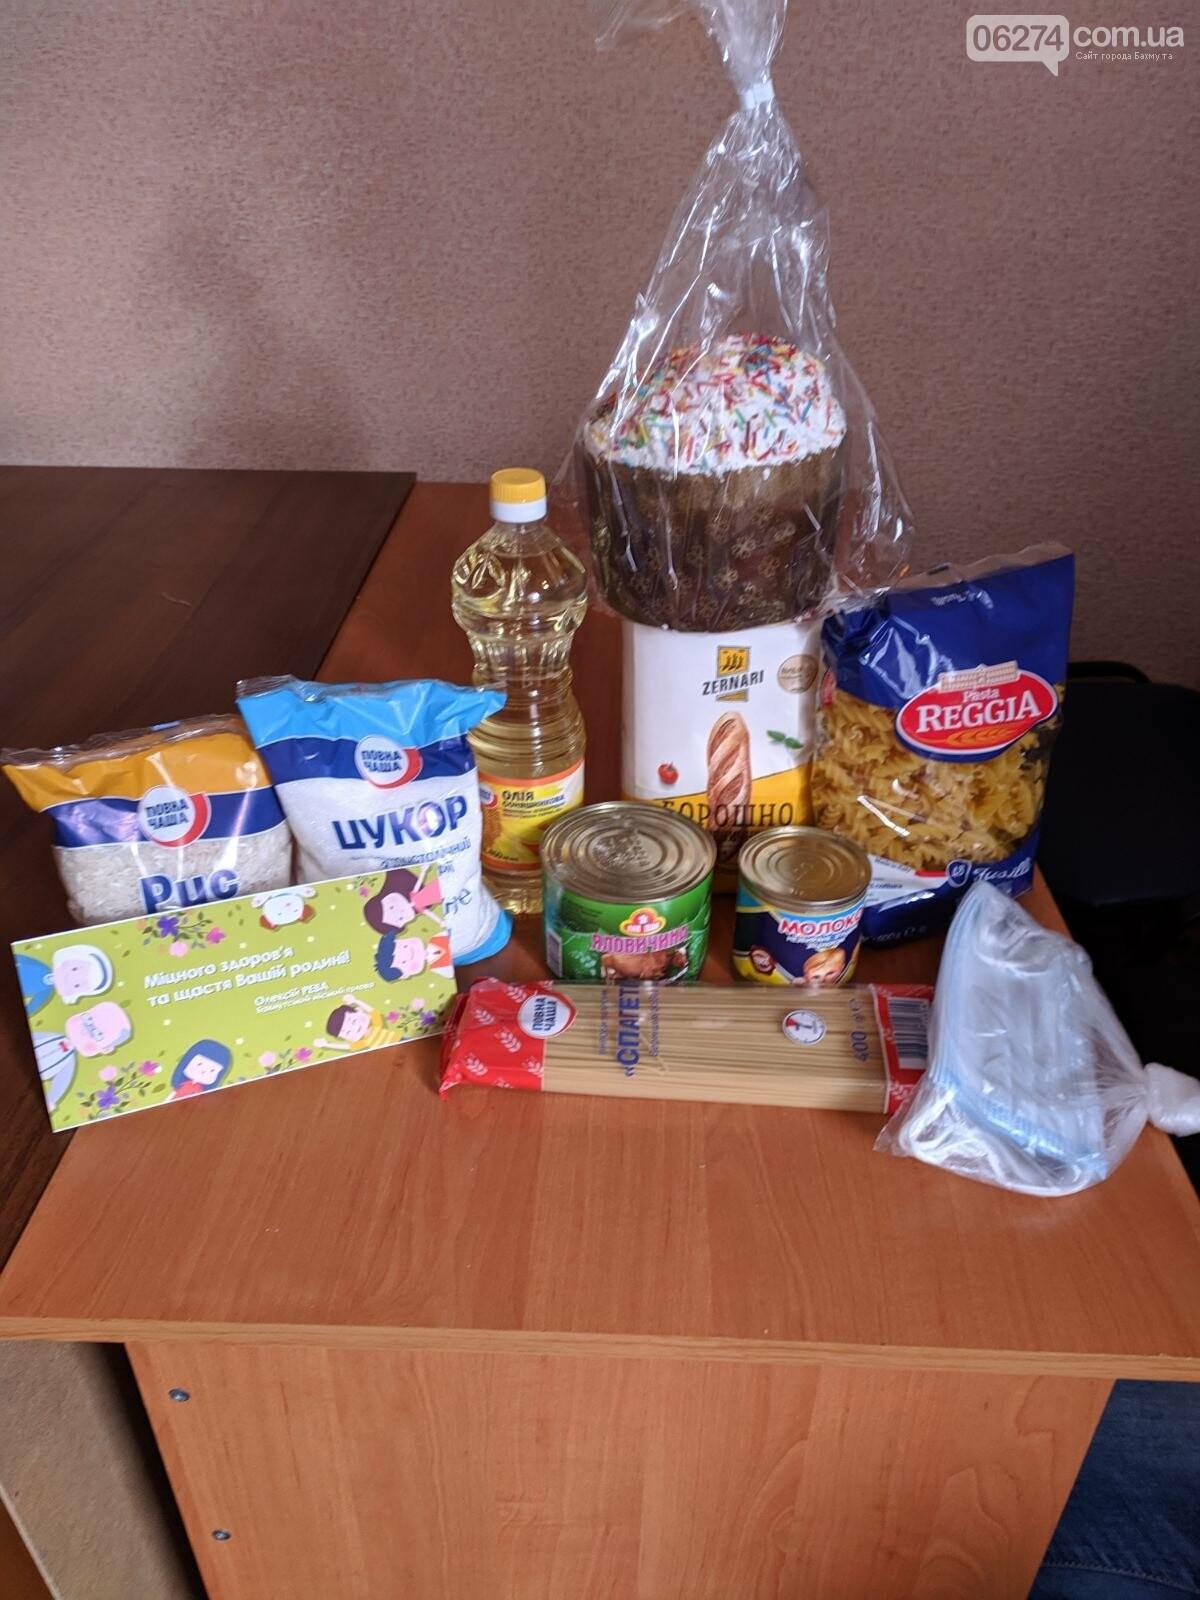 Мэр Бахмута вручил продуктовые наборы социально незащищенным гражданам, фото-3